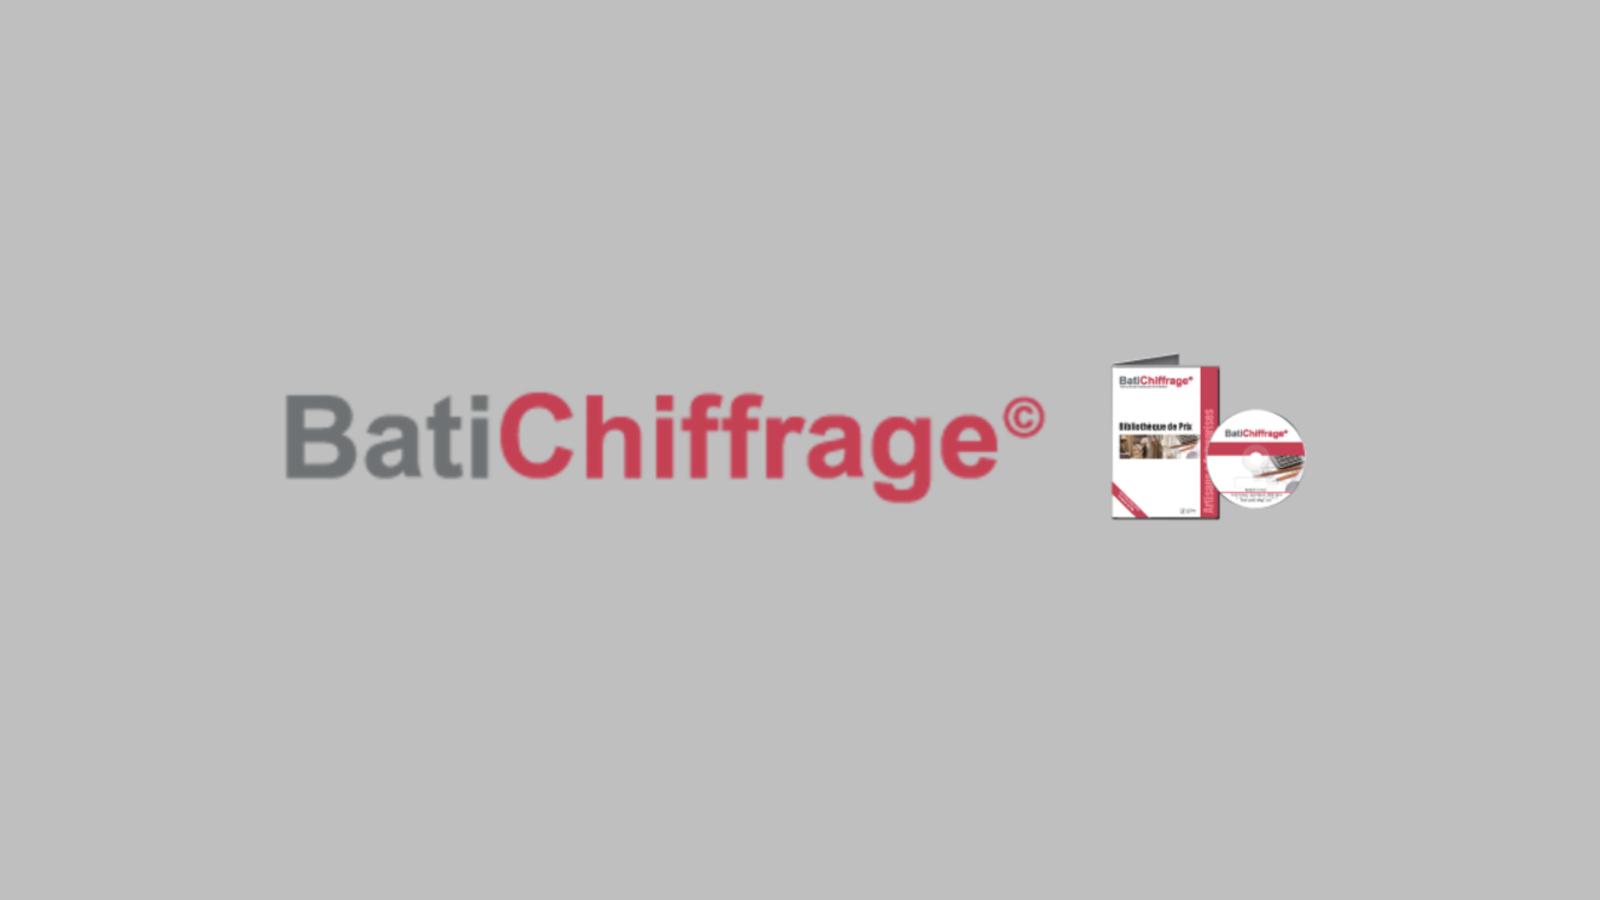 BatiChiffrage